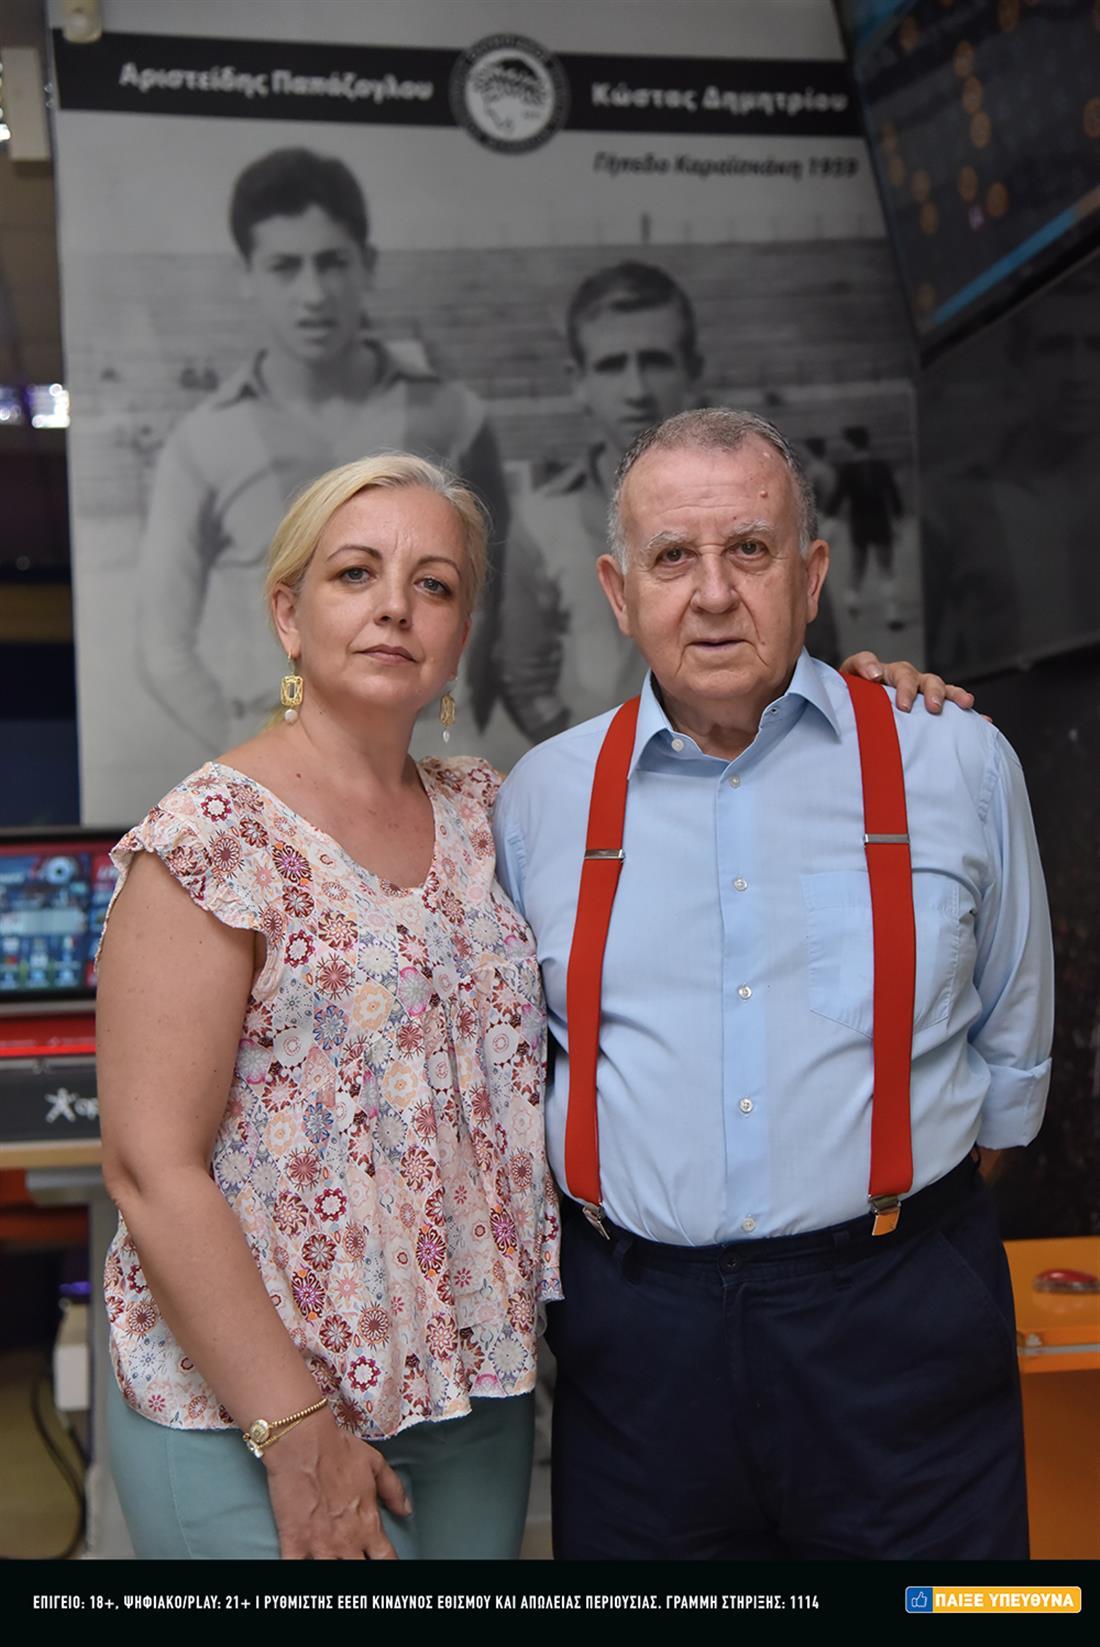 ΟΠΑΠ - Γενιές Πρακτόρων - Ιωάννα Δημητρίου, Κώστας Δημητρίου